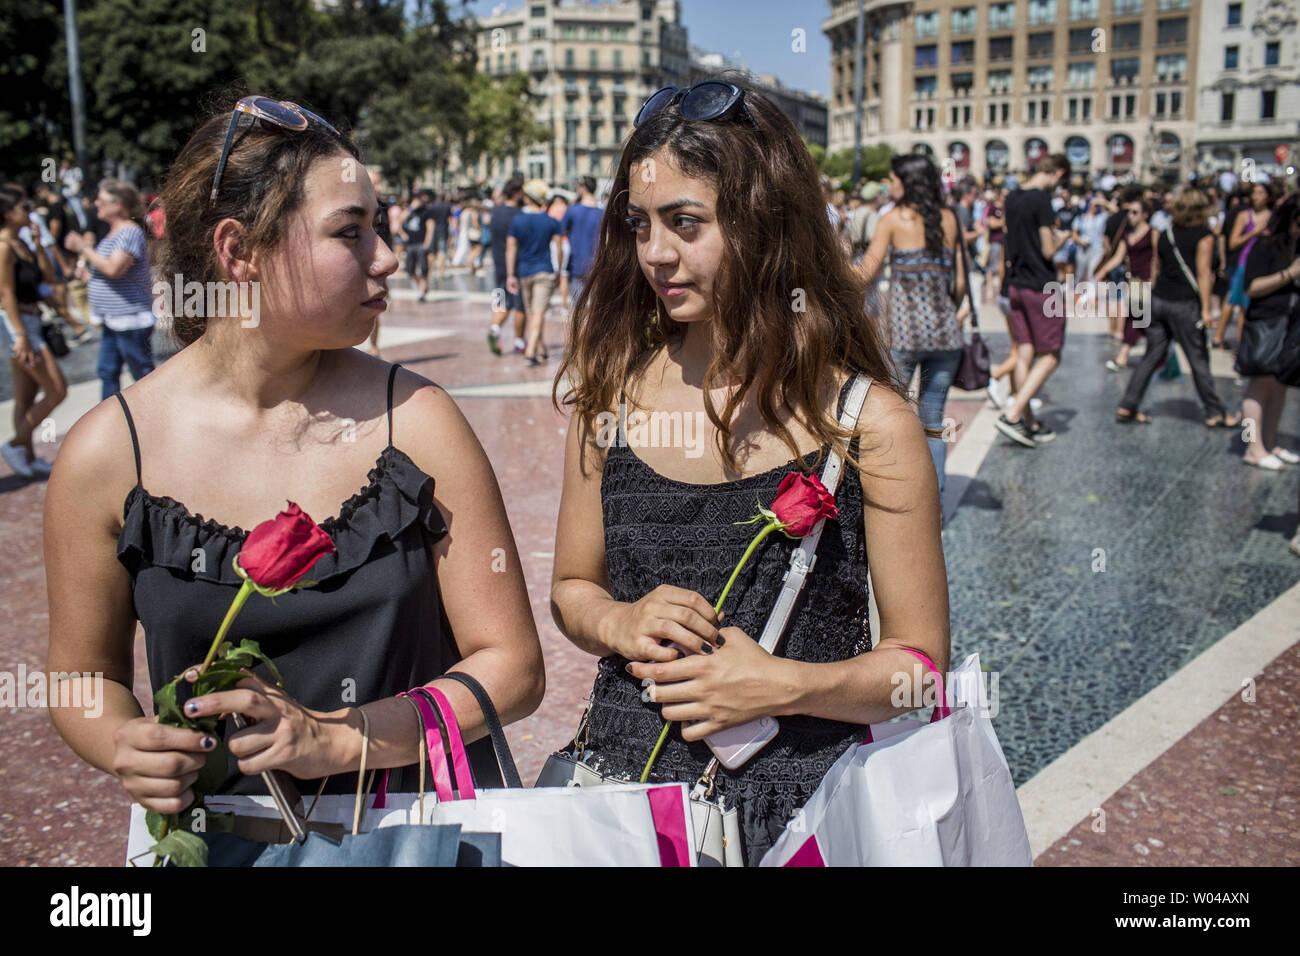 Des femmes portant des roses à mettre sur la Rambla pour les victimes de l'attaque de Barcelone le 18 août 2017, un jour après un van dans la foule, tuant 14 personnes et blessant plus de 100 sur la Rambla de Barcelone. Les conducteurs ont labouré le 17 août 2017. photo par Angel Garcia/ UPI Banque D'Images